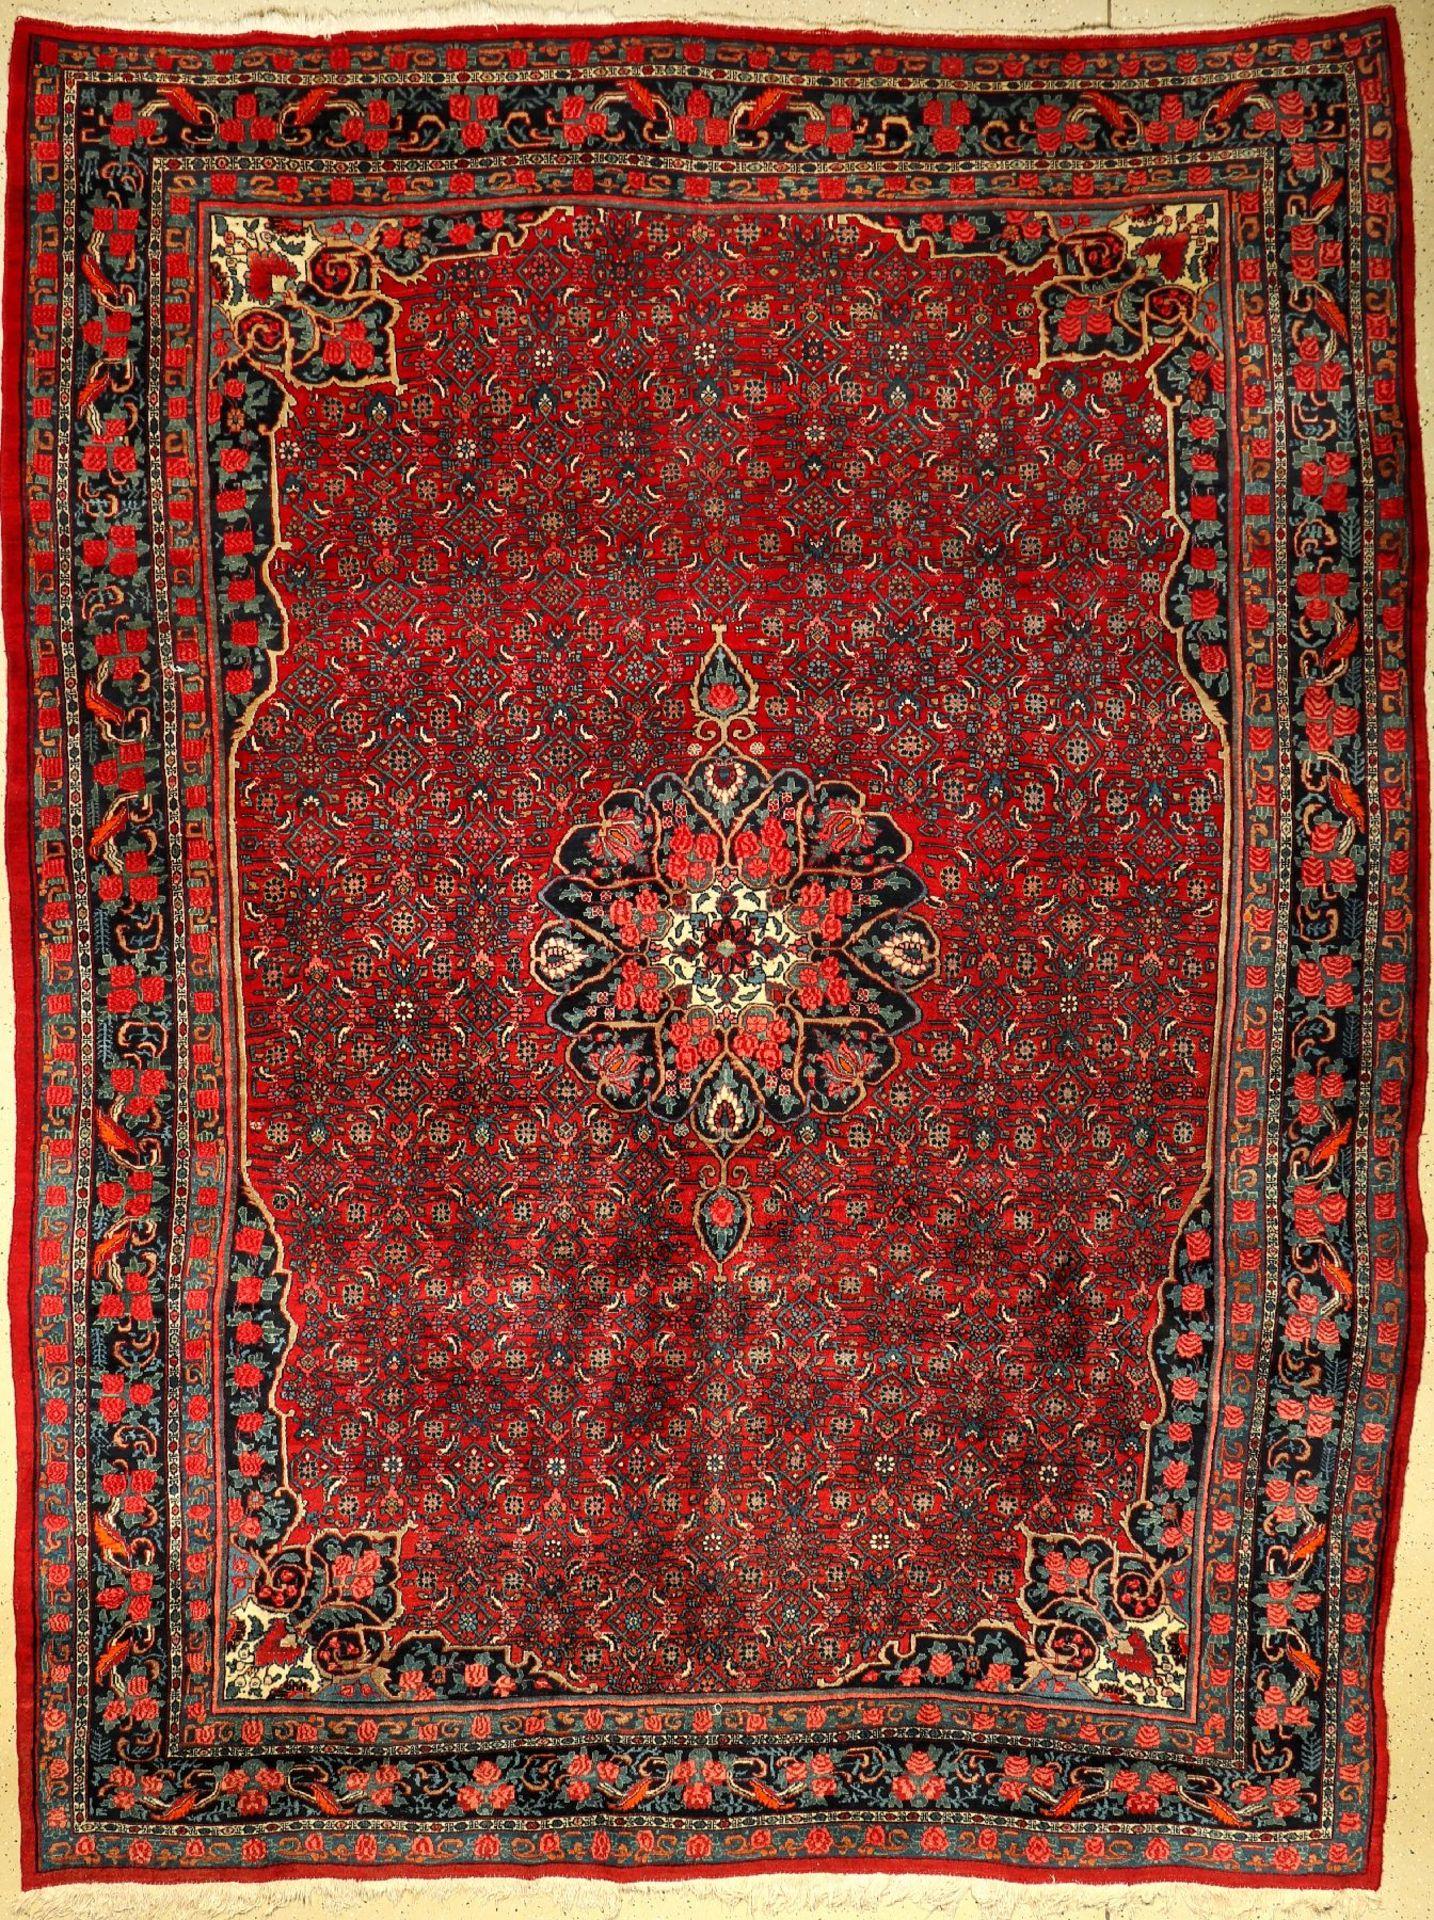 Bidjar alt, Persien, ca. 60 Jahre, Wolle auf Baumwolle, ca. 365 x 284 cm, EHZ: 2-3Bidjar old,